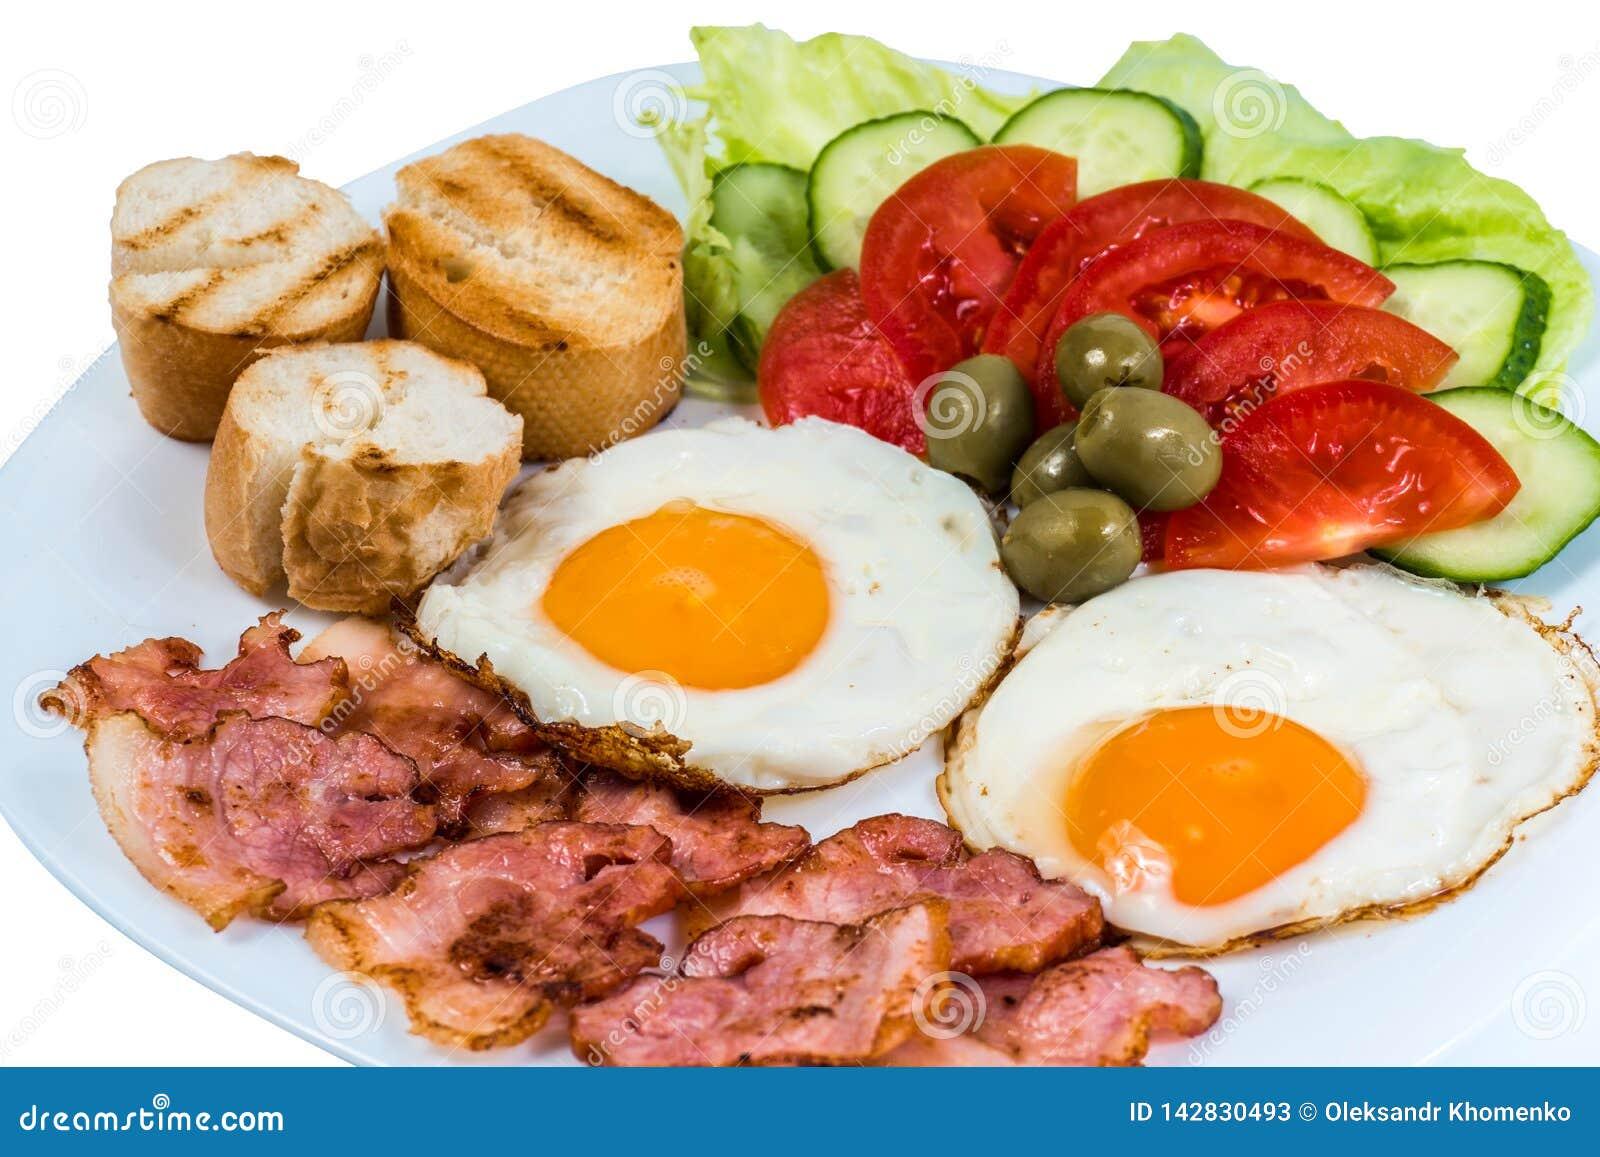 El desayuno el huevo frito que las verduras frescas frieron el tocino y aceitunas en una placa blanca